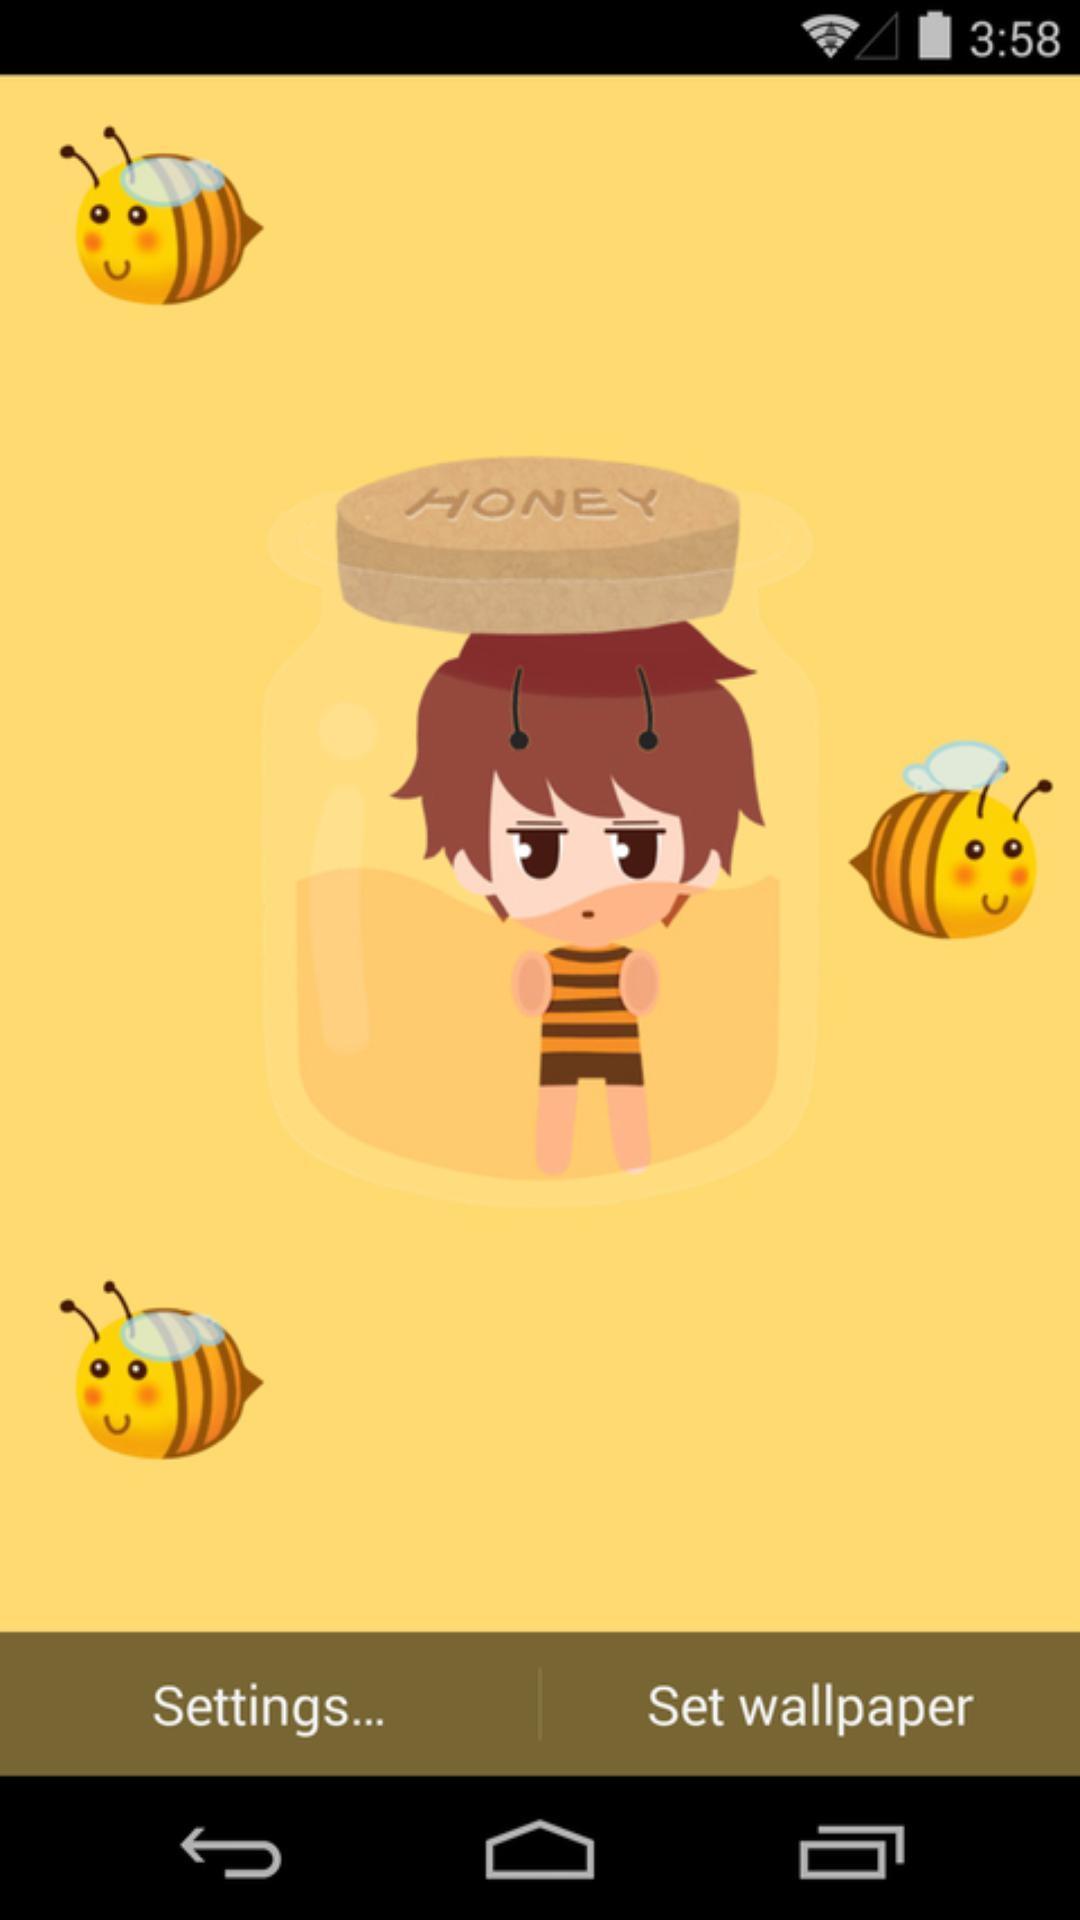 伟大的安妮-蜂蜜-梦象动态壁纸